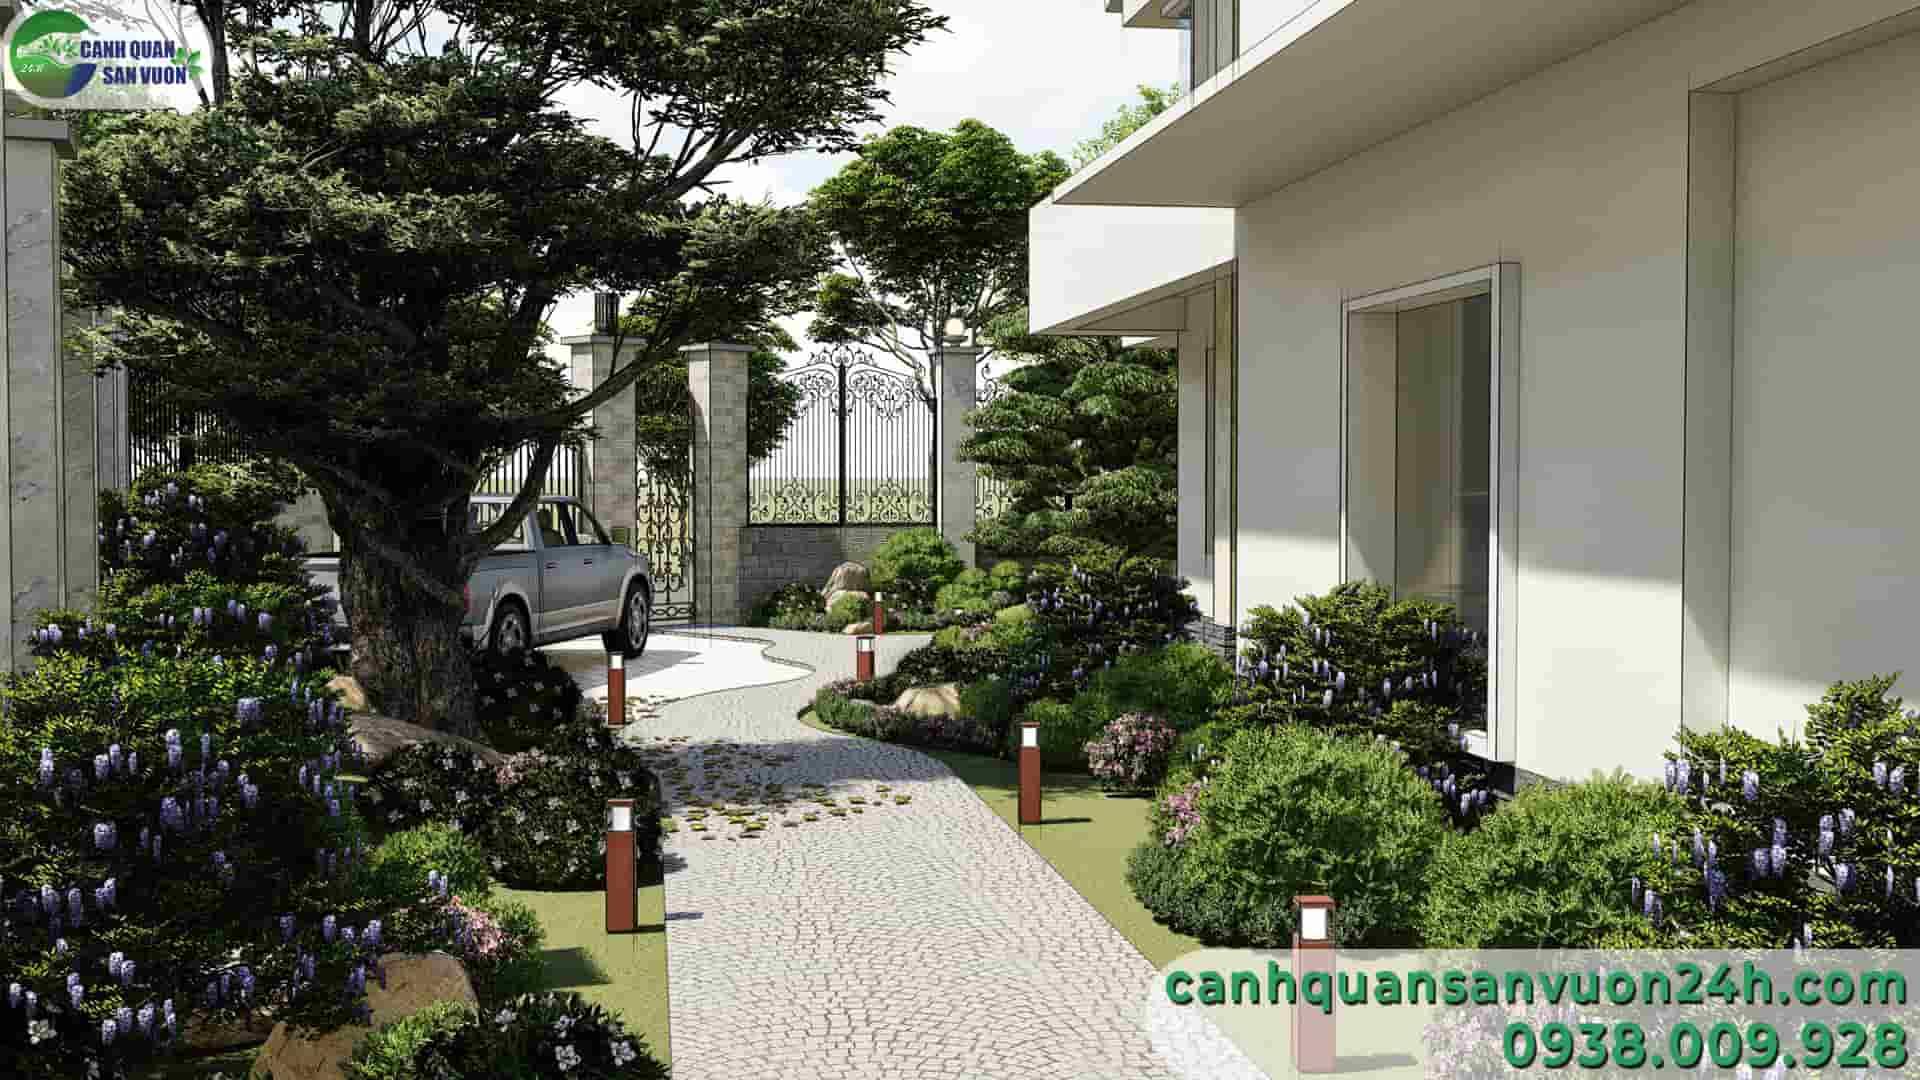 lối đi dự án thiết kế cảnh quan sân vườn